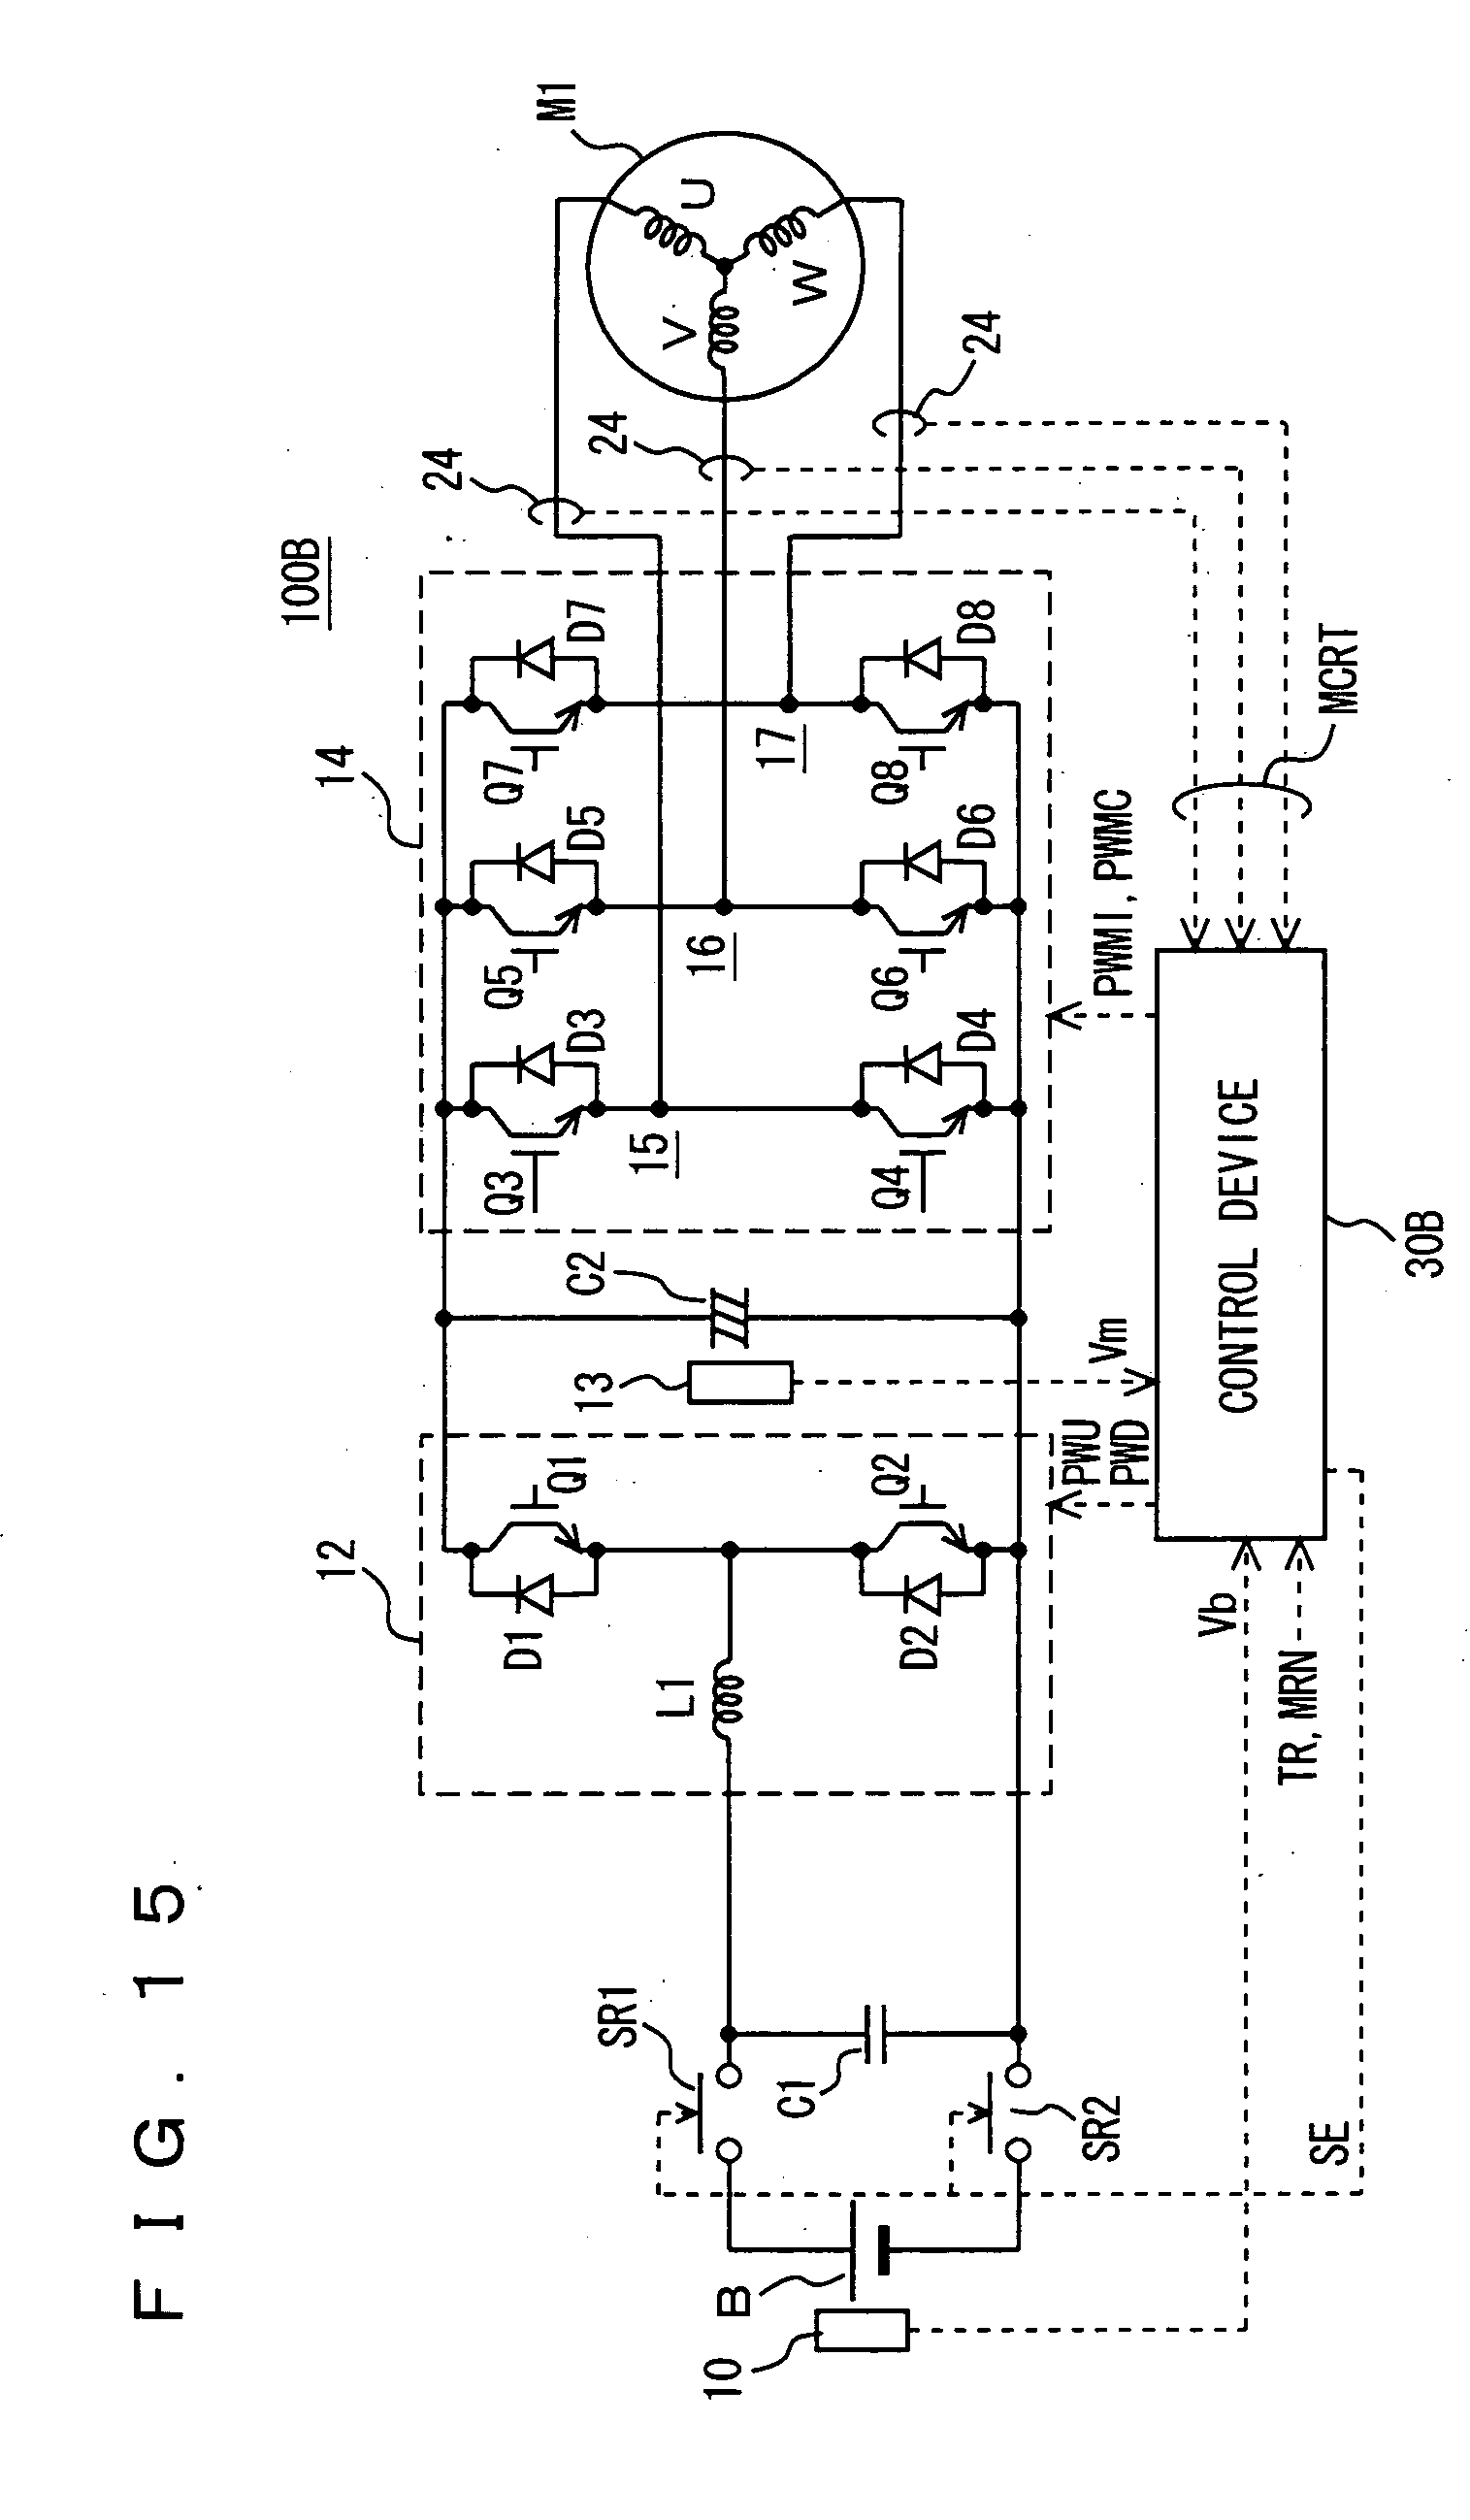 xbox wiring diagram